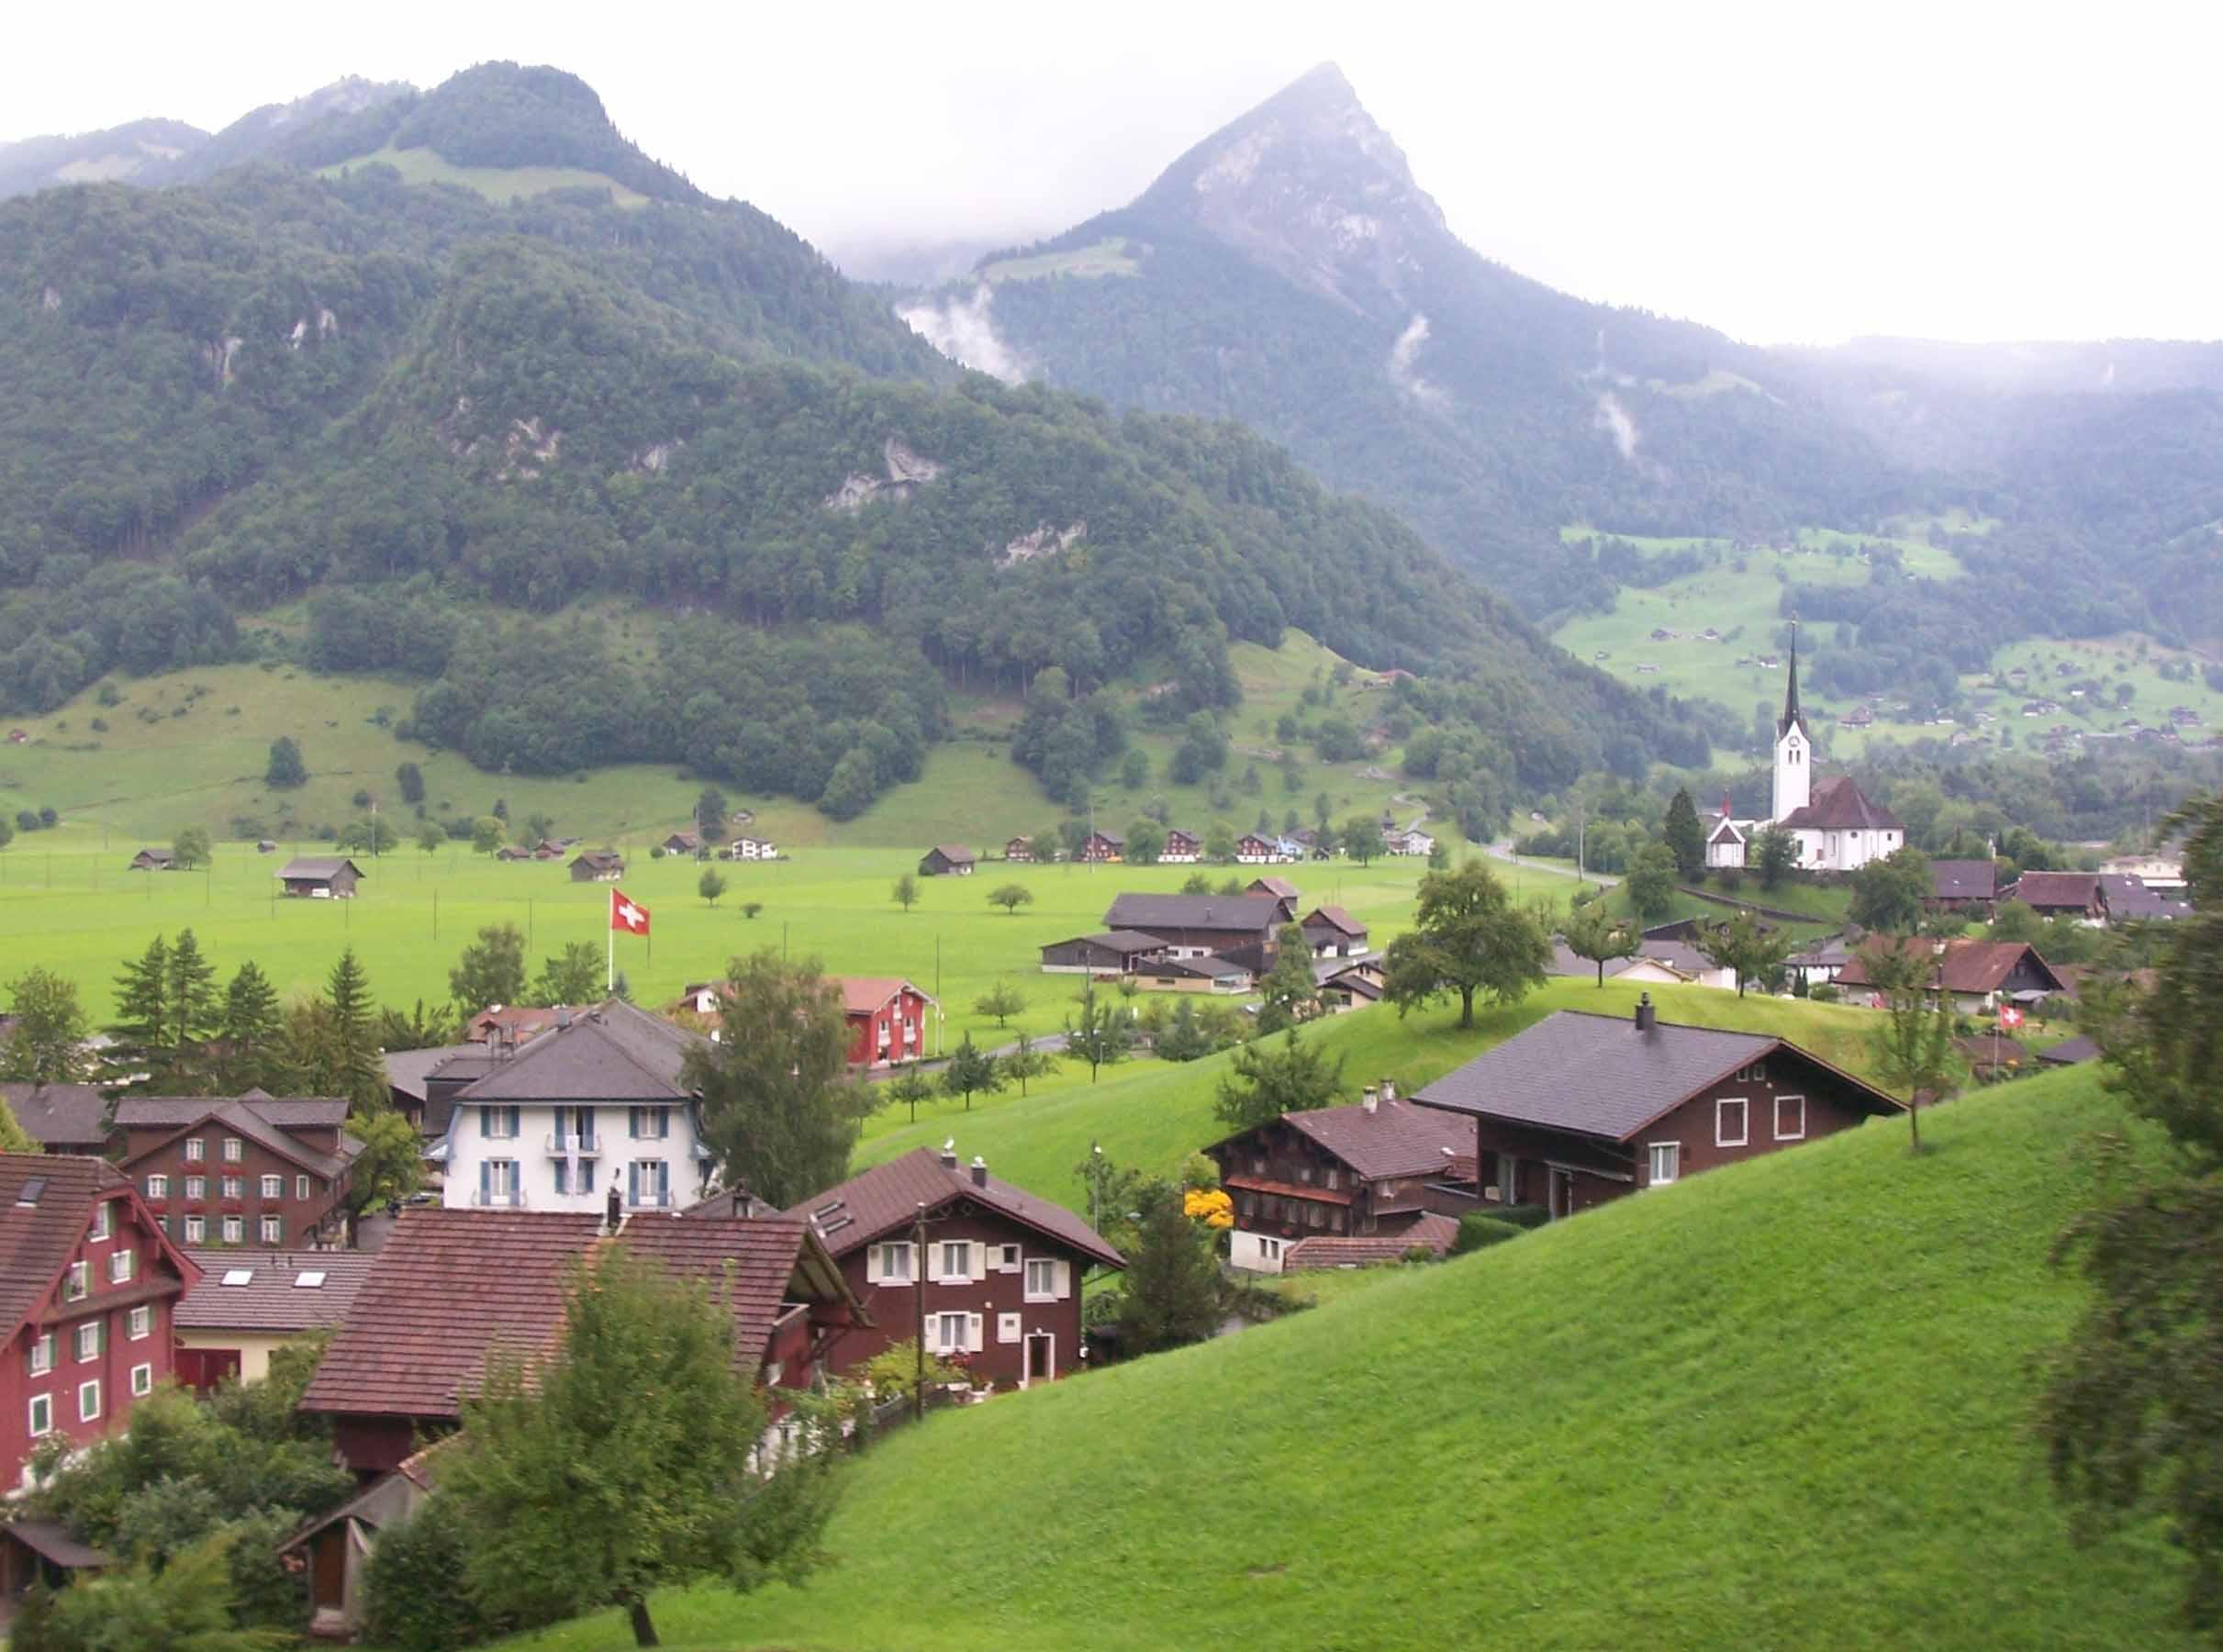 持瑞士通票四日火車自助游(二)_瑞士旅游攻略_欣欣旅游網